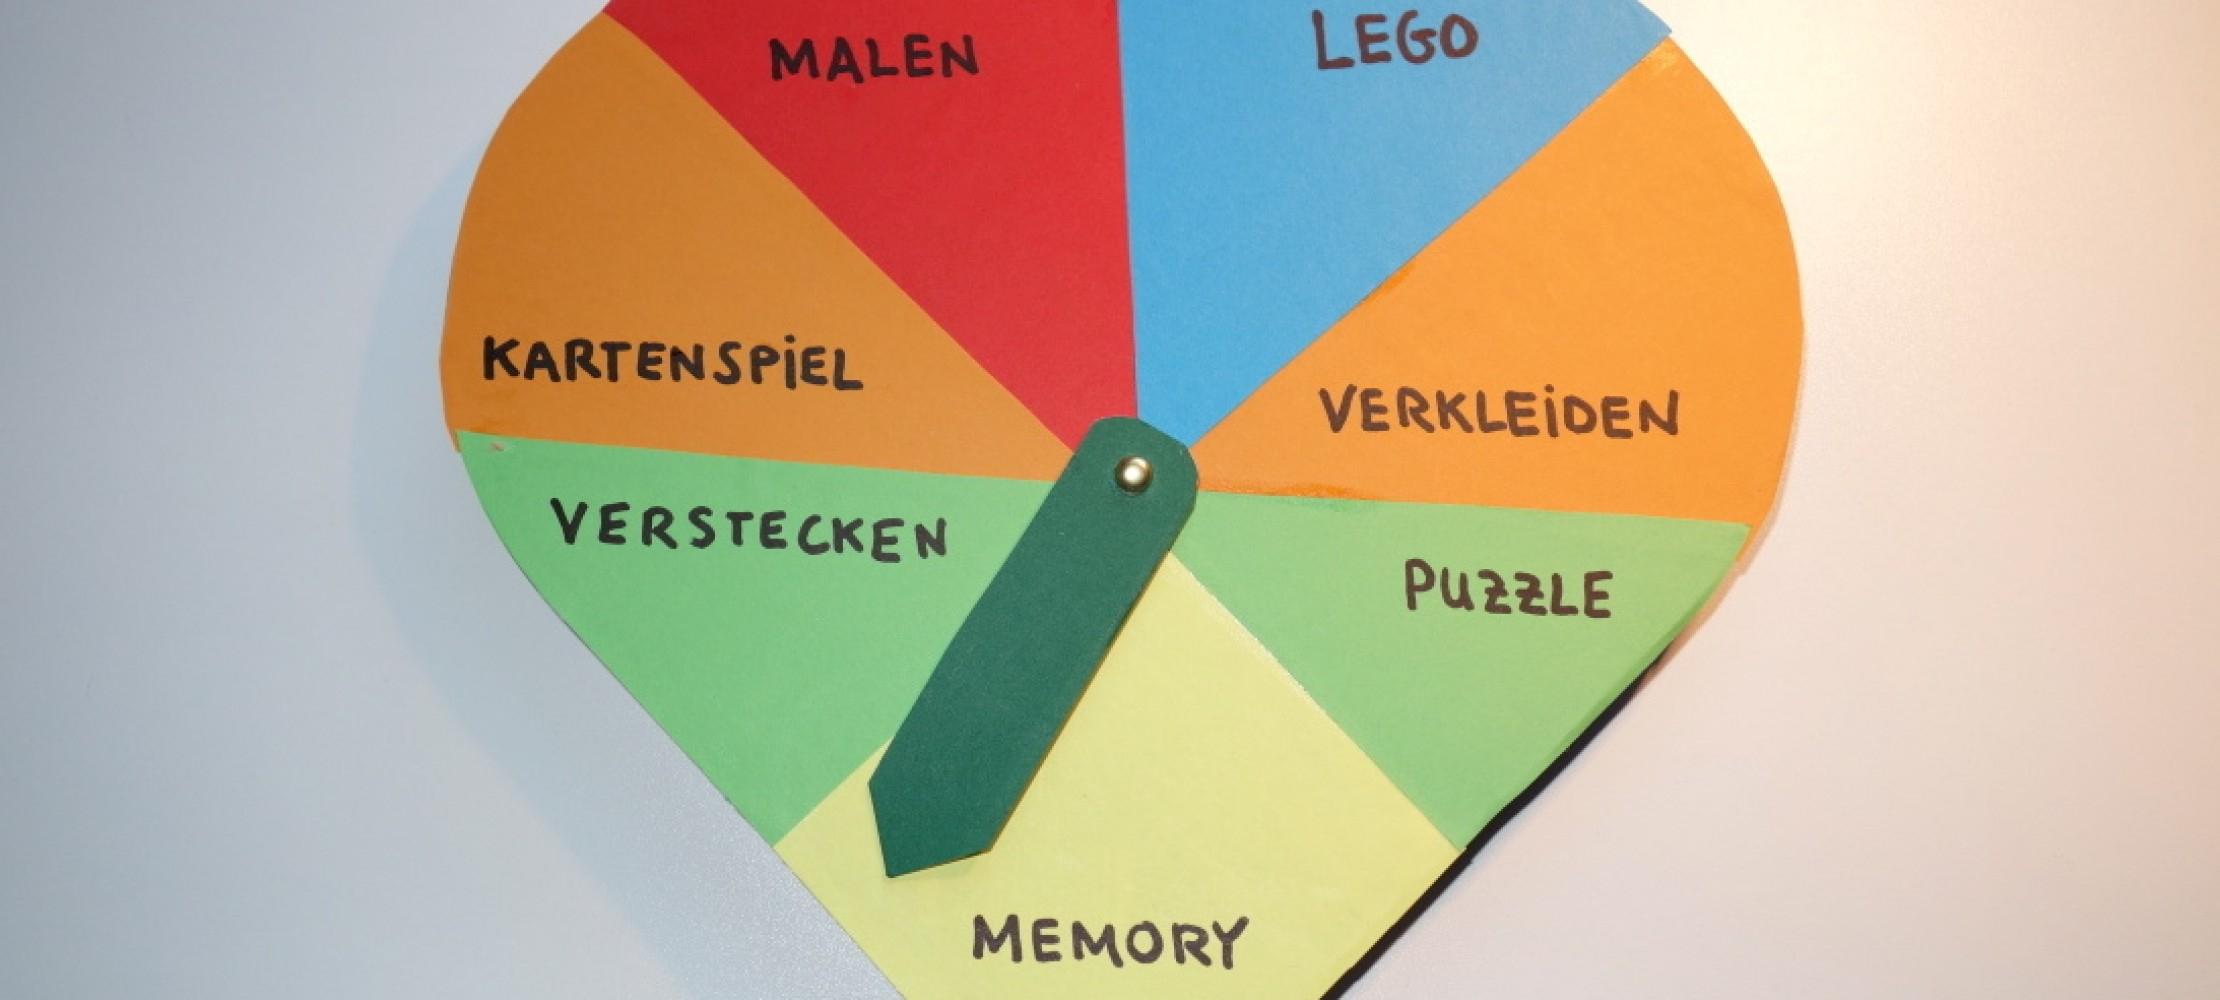 Was Spiele Ich Heute? Bastel Einen Spielometer! | Duda.news bei Spiele Selber Basteln Für Erwachsene